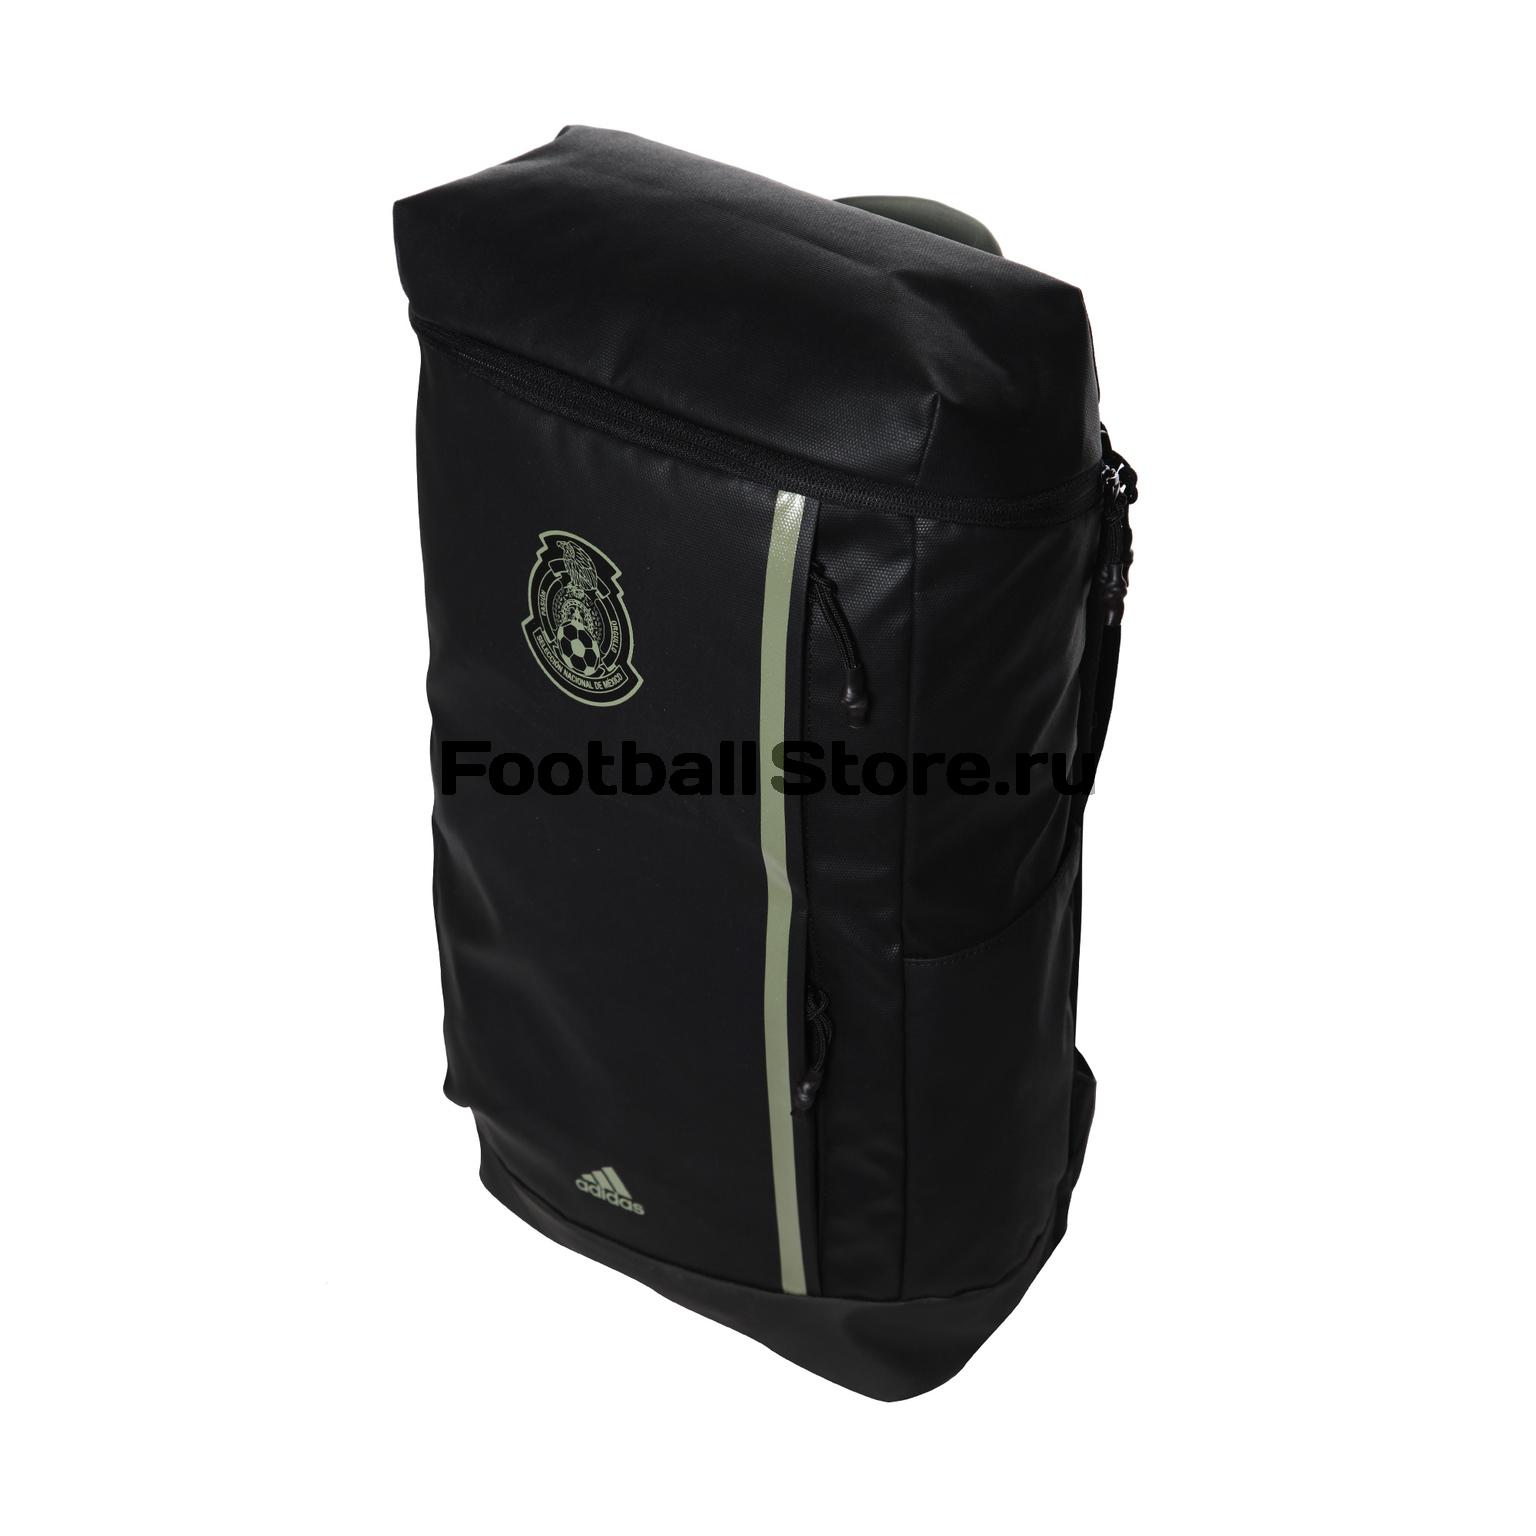 Рюкзак Adidas сборной Мексики CF5153 рюкзак adidas z26368